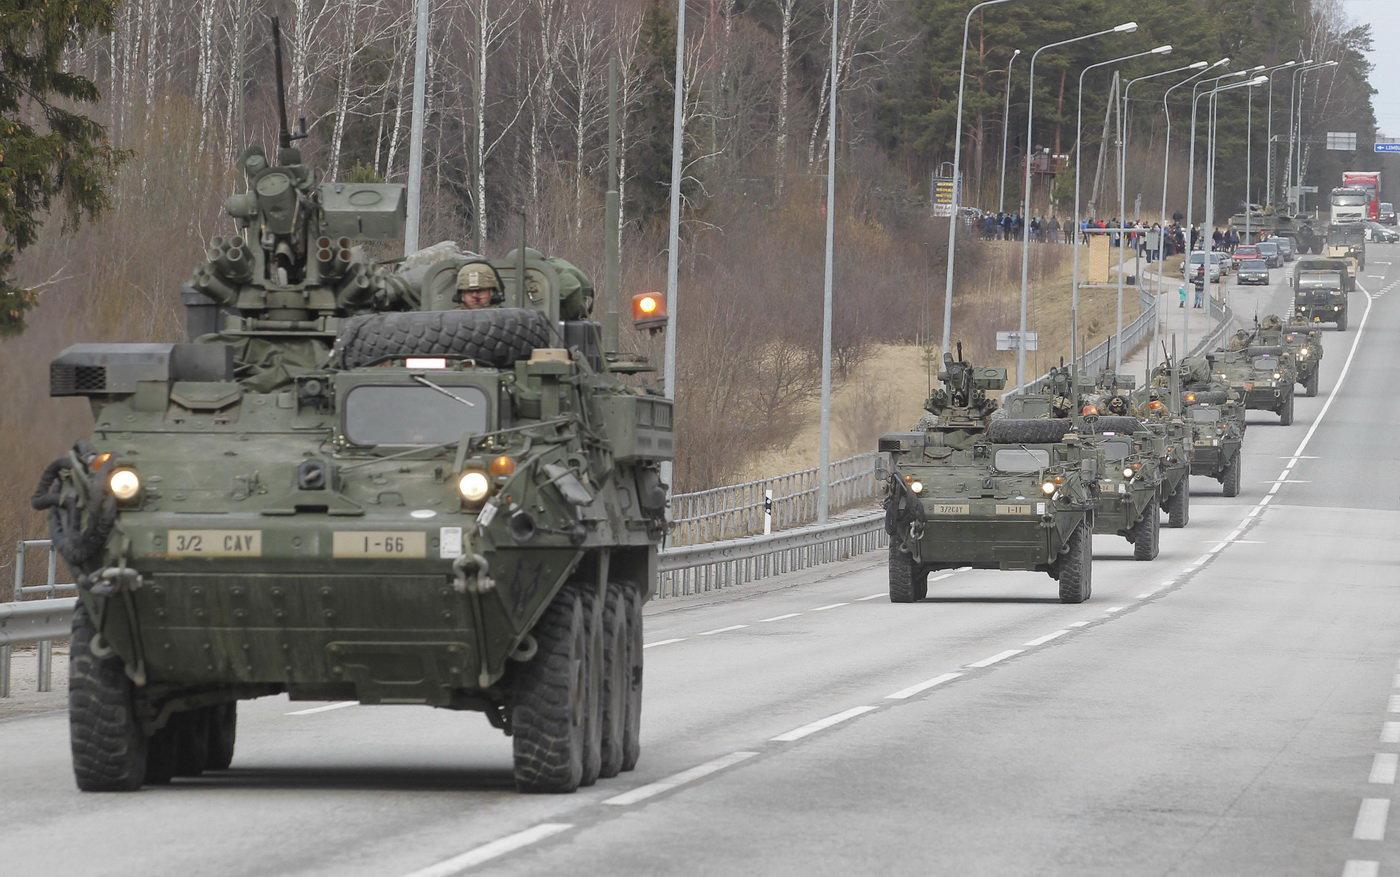 Konvoj jednotek U.S. Army dostal název Dragoon Ride (Dragounská jízda). Tvoří ho téměř 120 vozidel při cestě z Pobaltí do Německa a projede šesti zeměmi střední a východní Evropy. V Česku bude mezi 29. březnem a 1. dubnem.